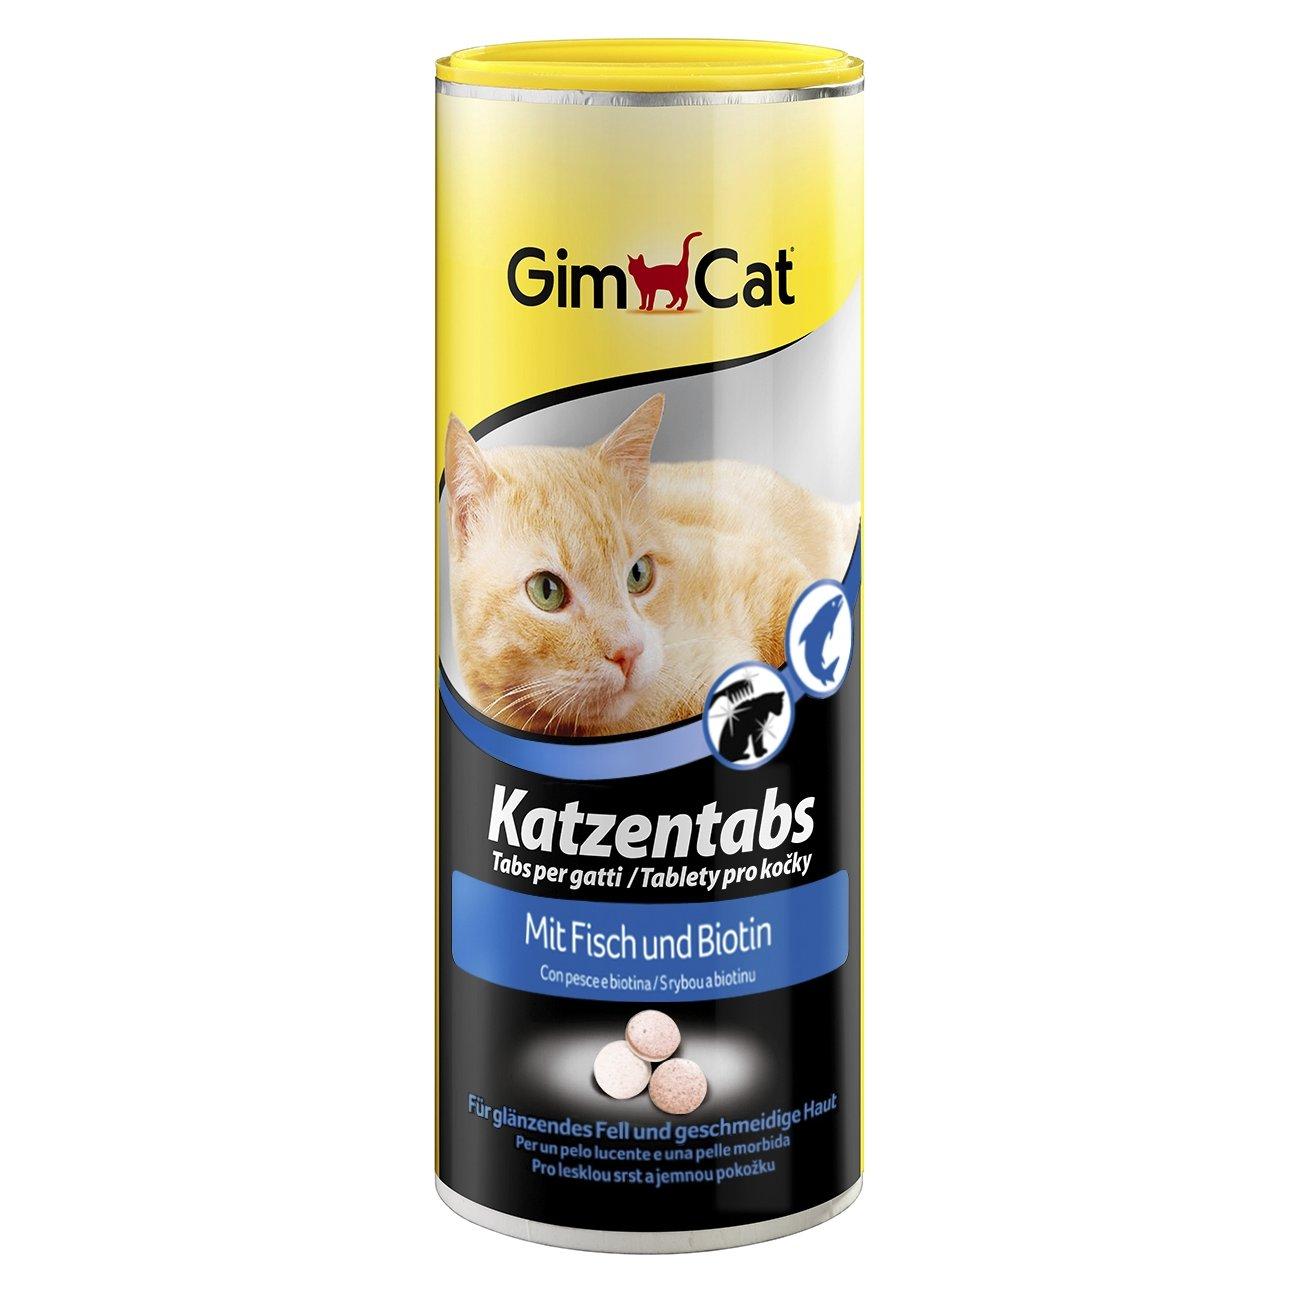 Gimpet Tablety s rybou dvoubarevné - pochoutka pro kočky, 710 tab.